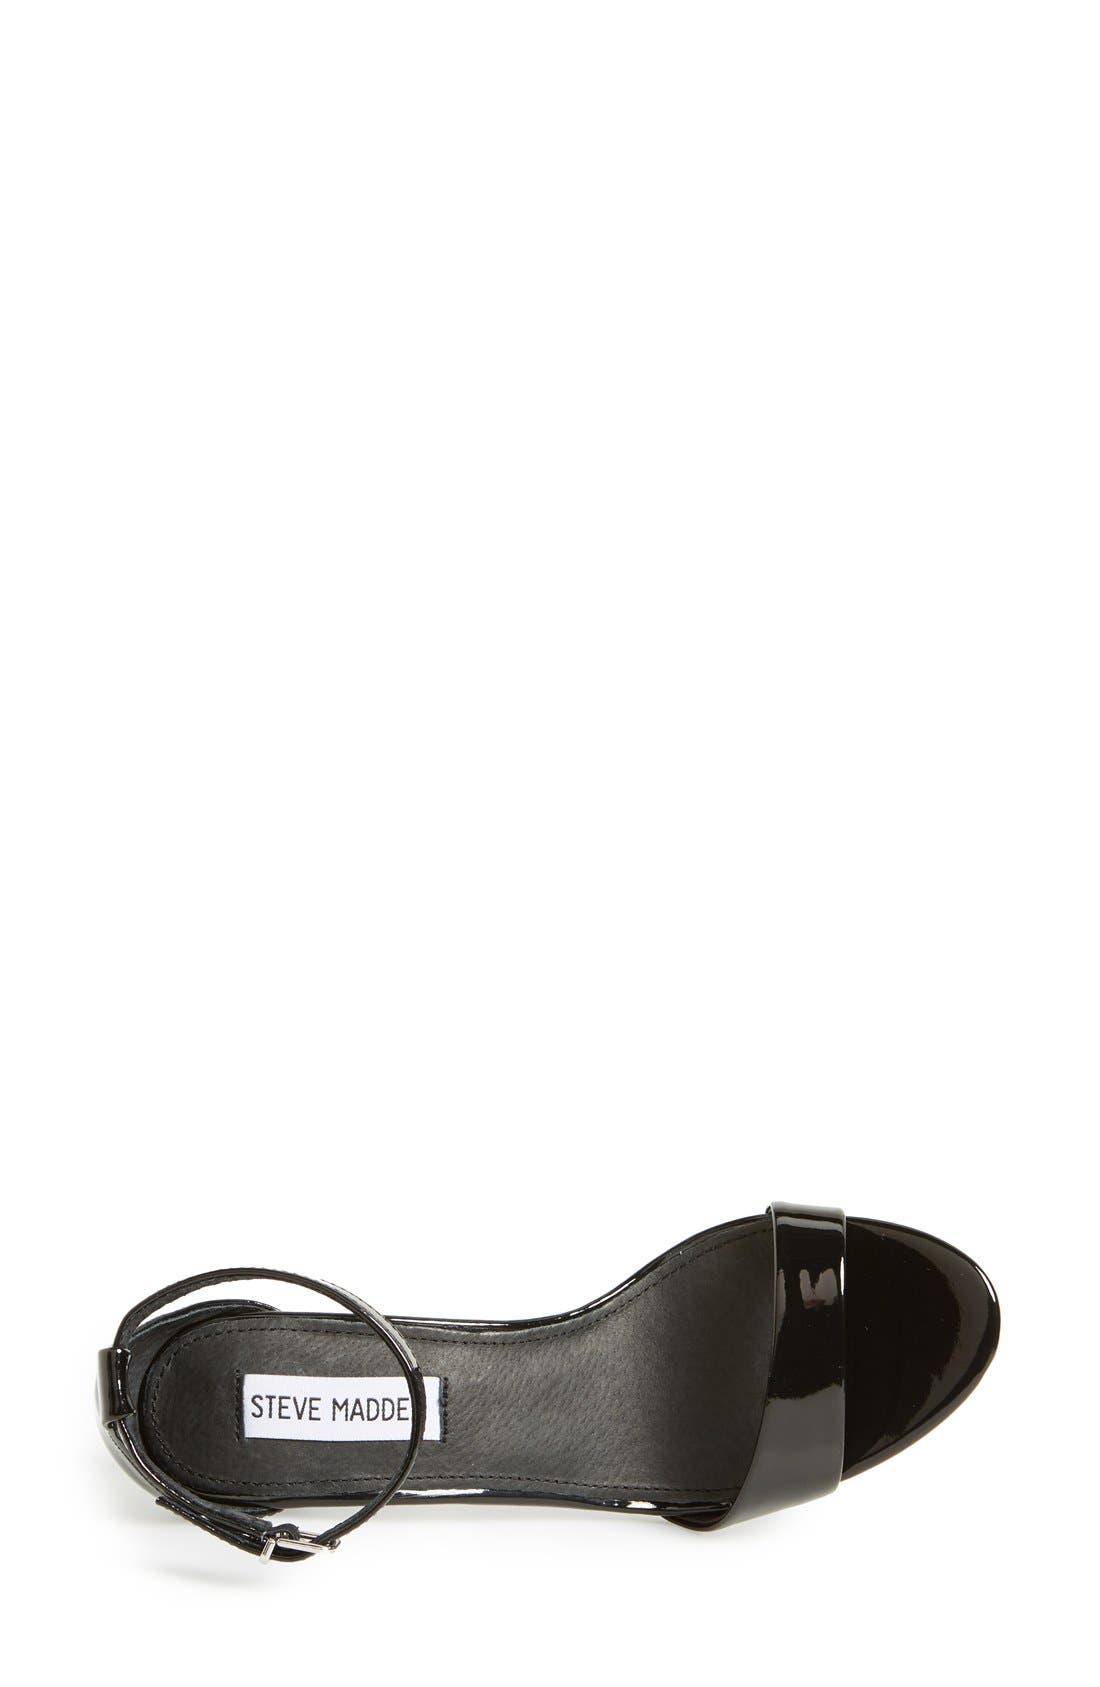 Alternate Image 3  - Steve Madden 'Sillly' Ankle Strap Sandal (Women)